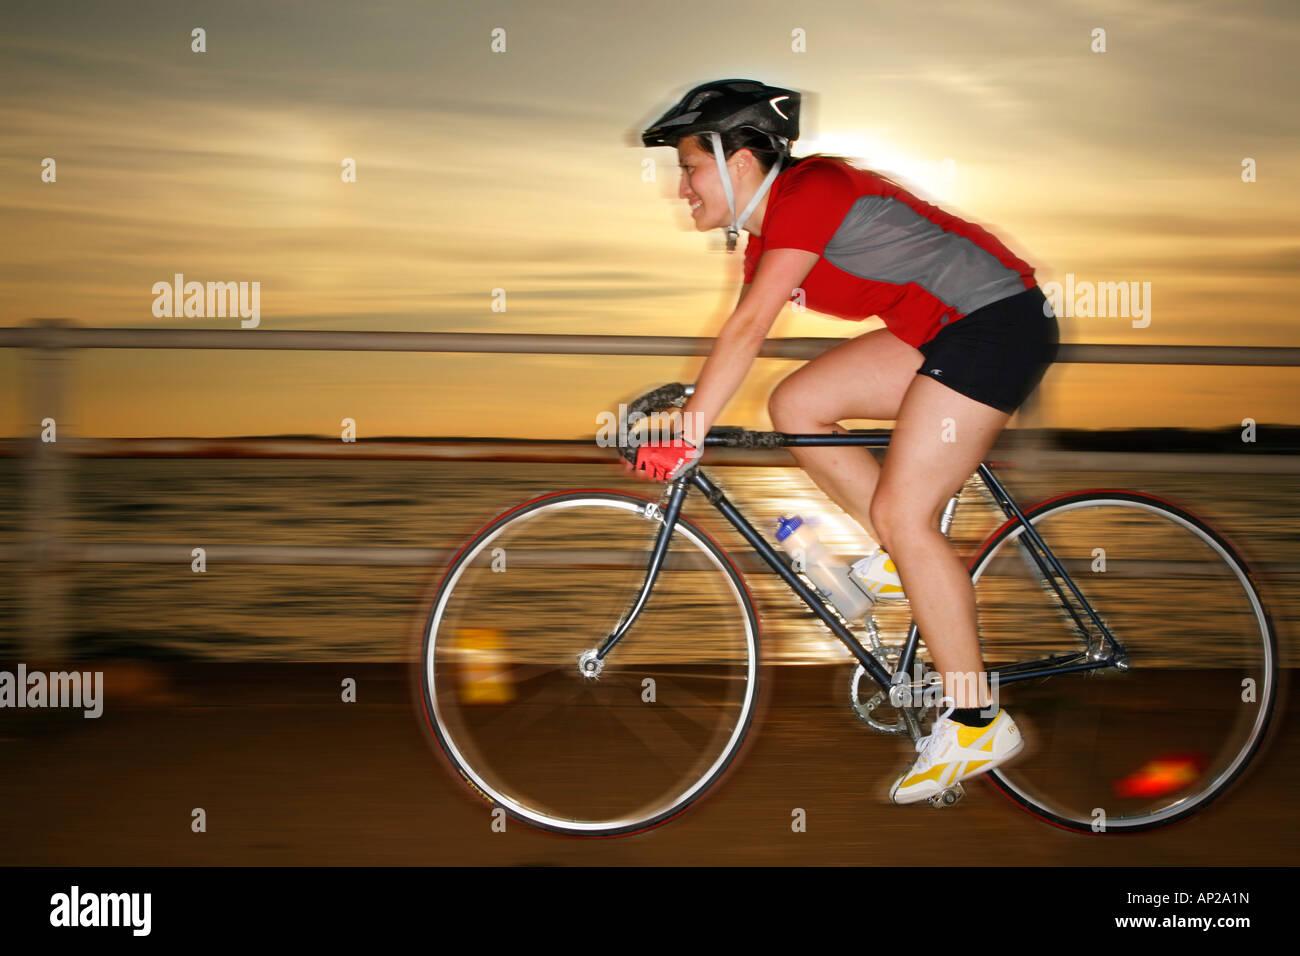 Giovane donna di 26 anni equitazione Bicicletta tramonto, signor-09-30-2007 Immagini Stock